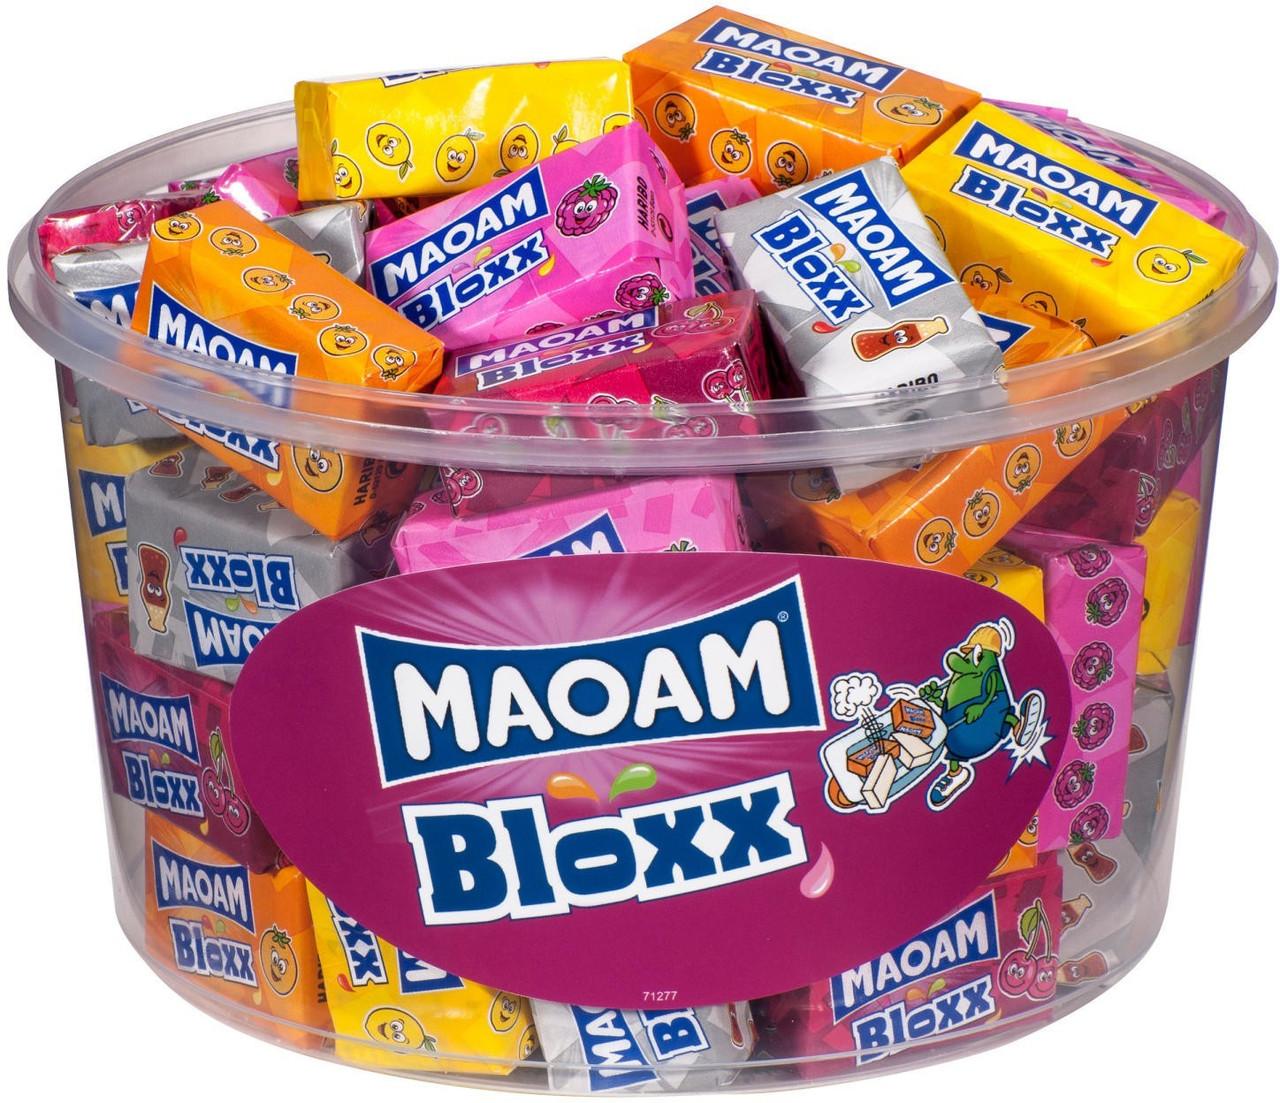 Жувальні цукерки HARIBO Maoam Bloxx кубики різні смаки 50 шт х 22 м (1100 г)